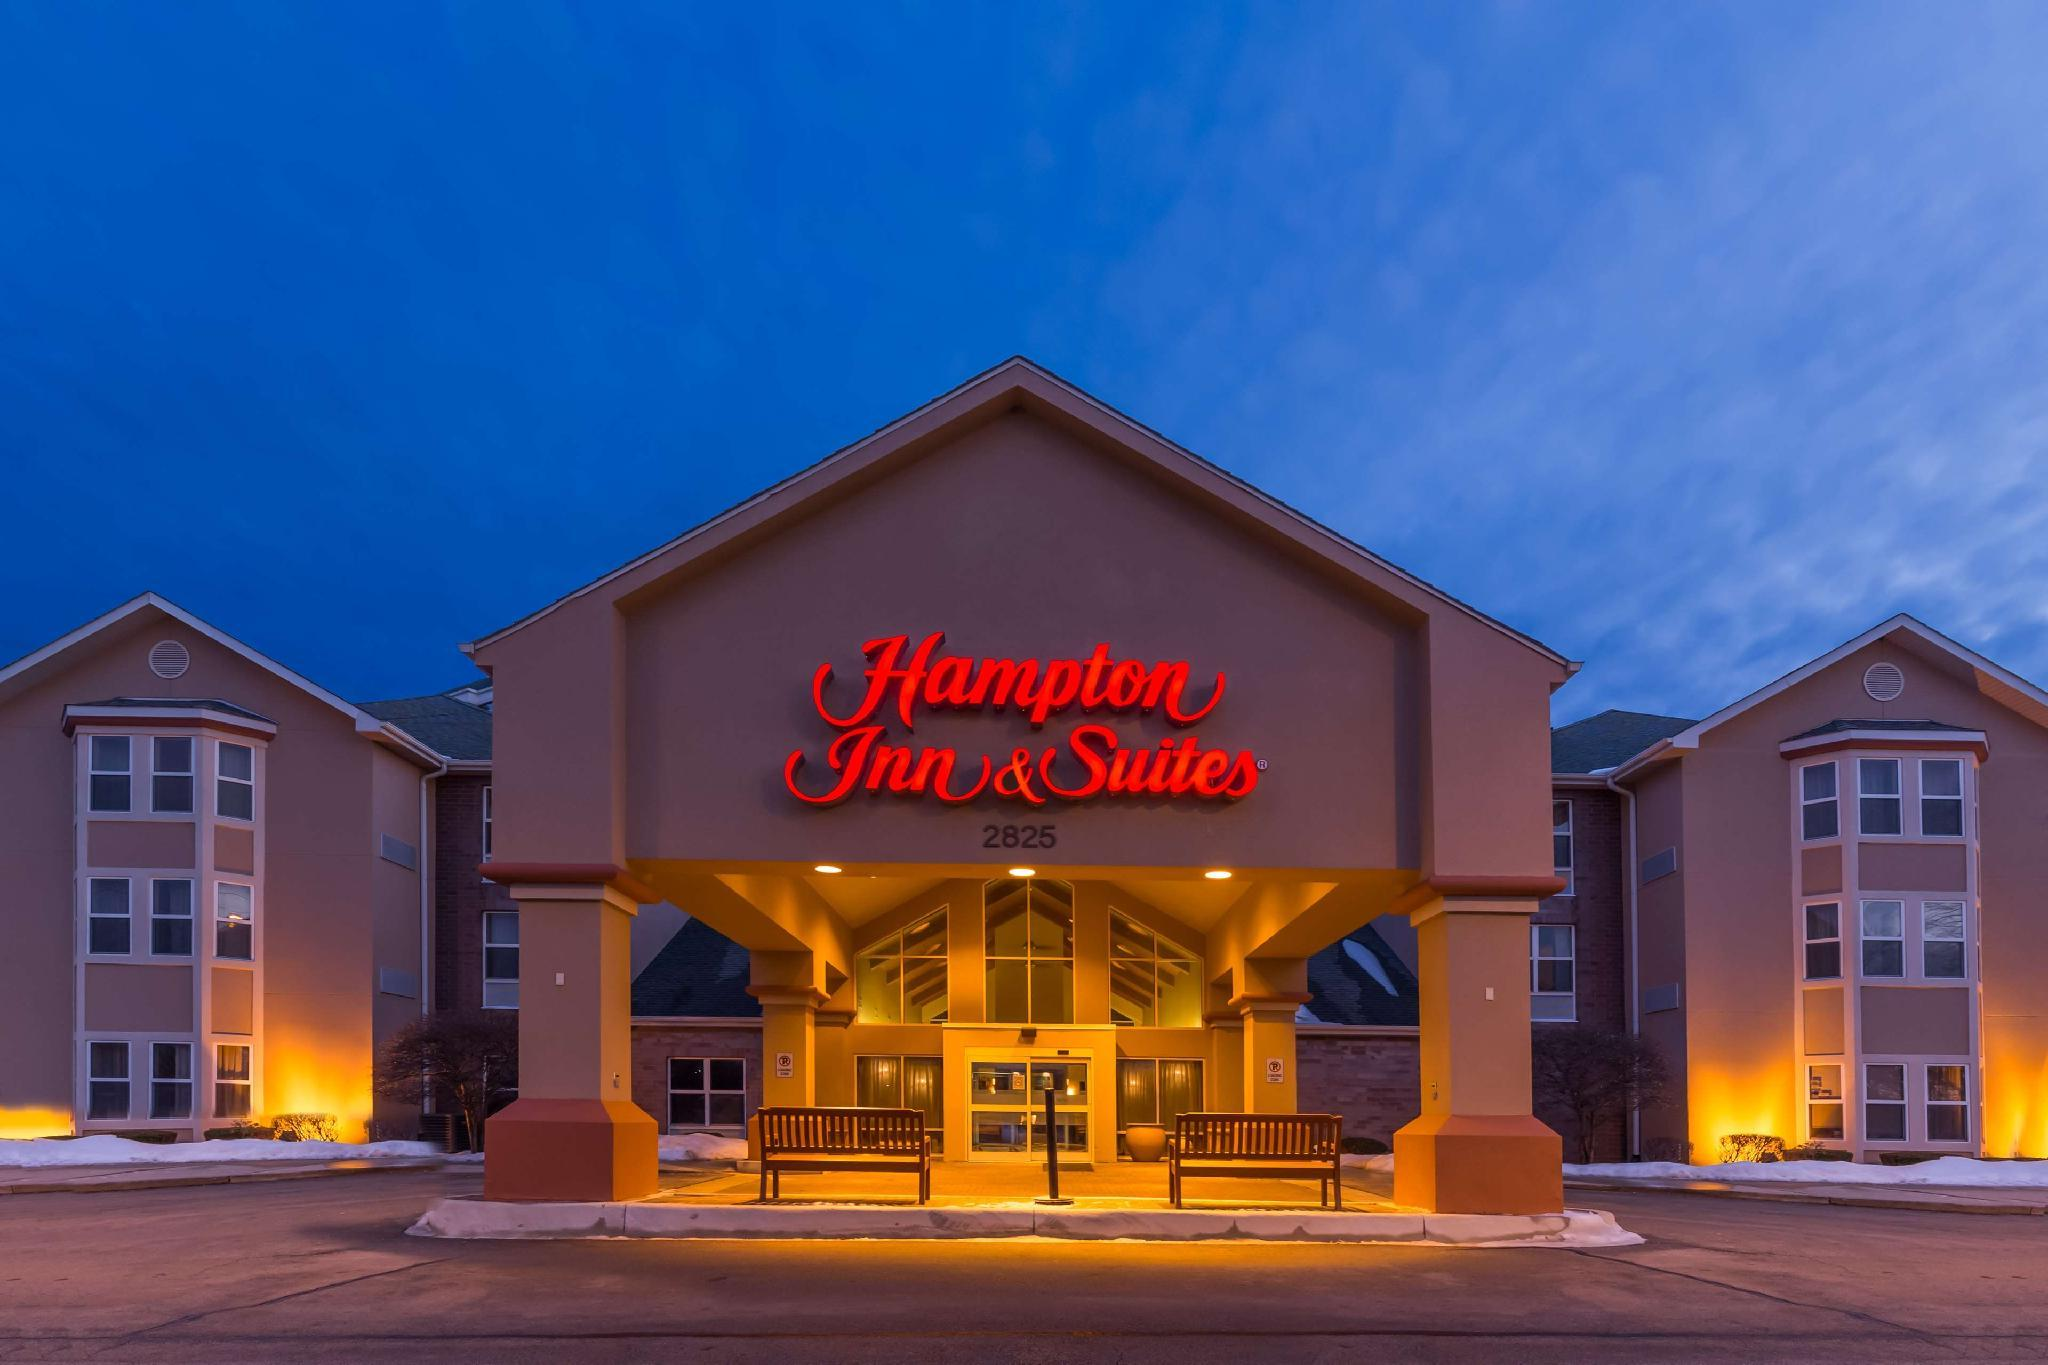 Hampton Inn And Suites Chicago Hoffman Estates